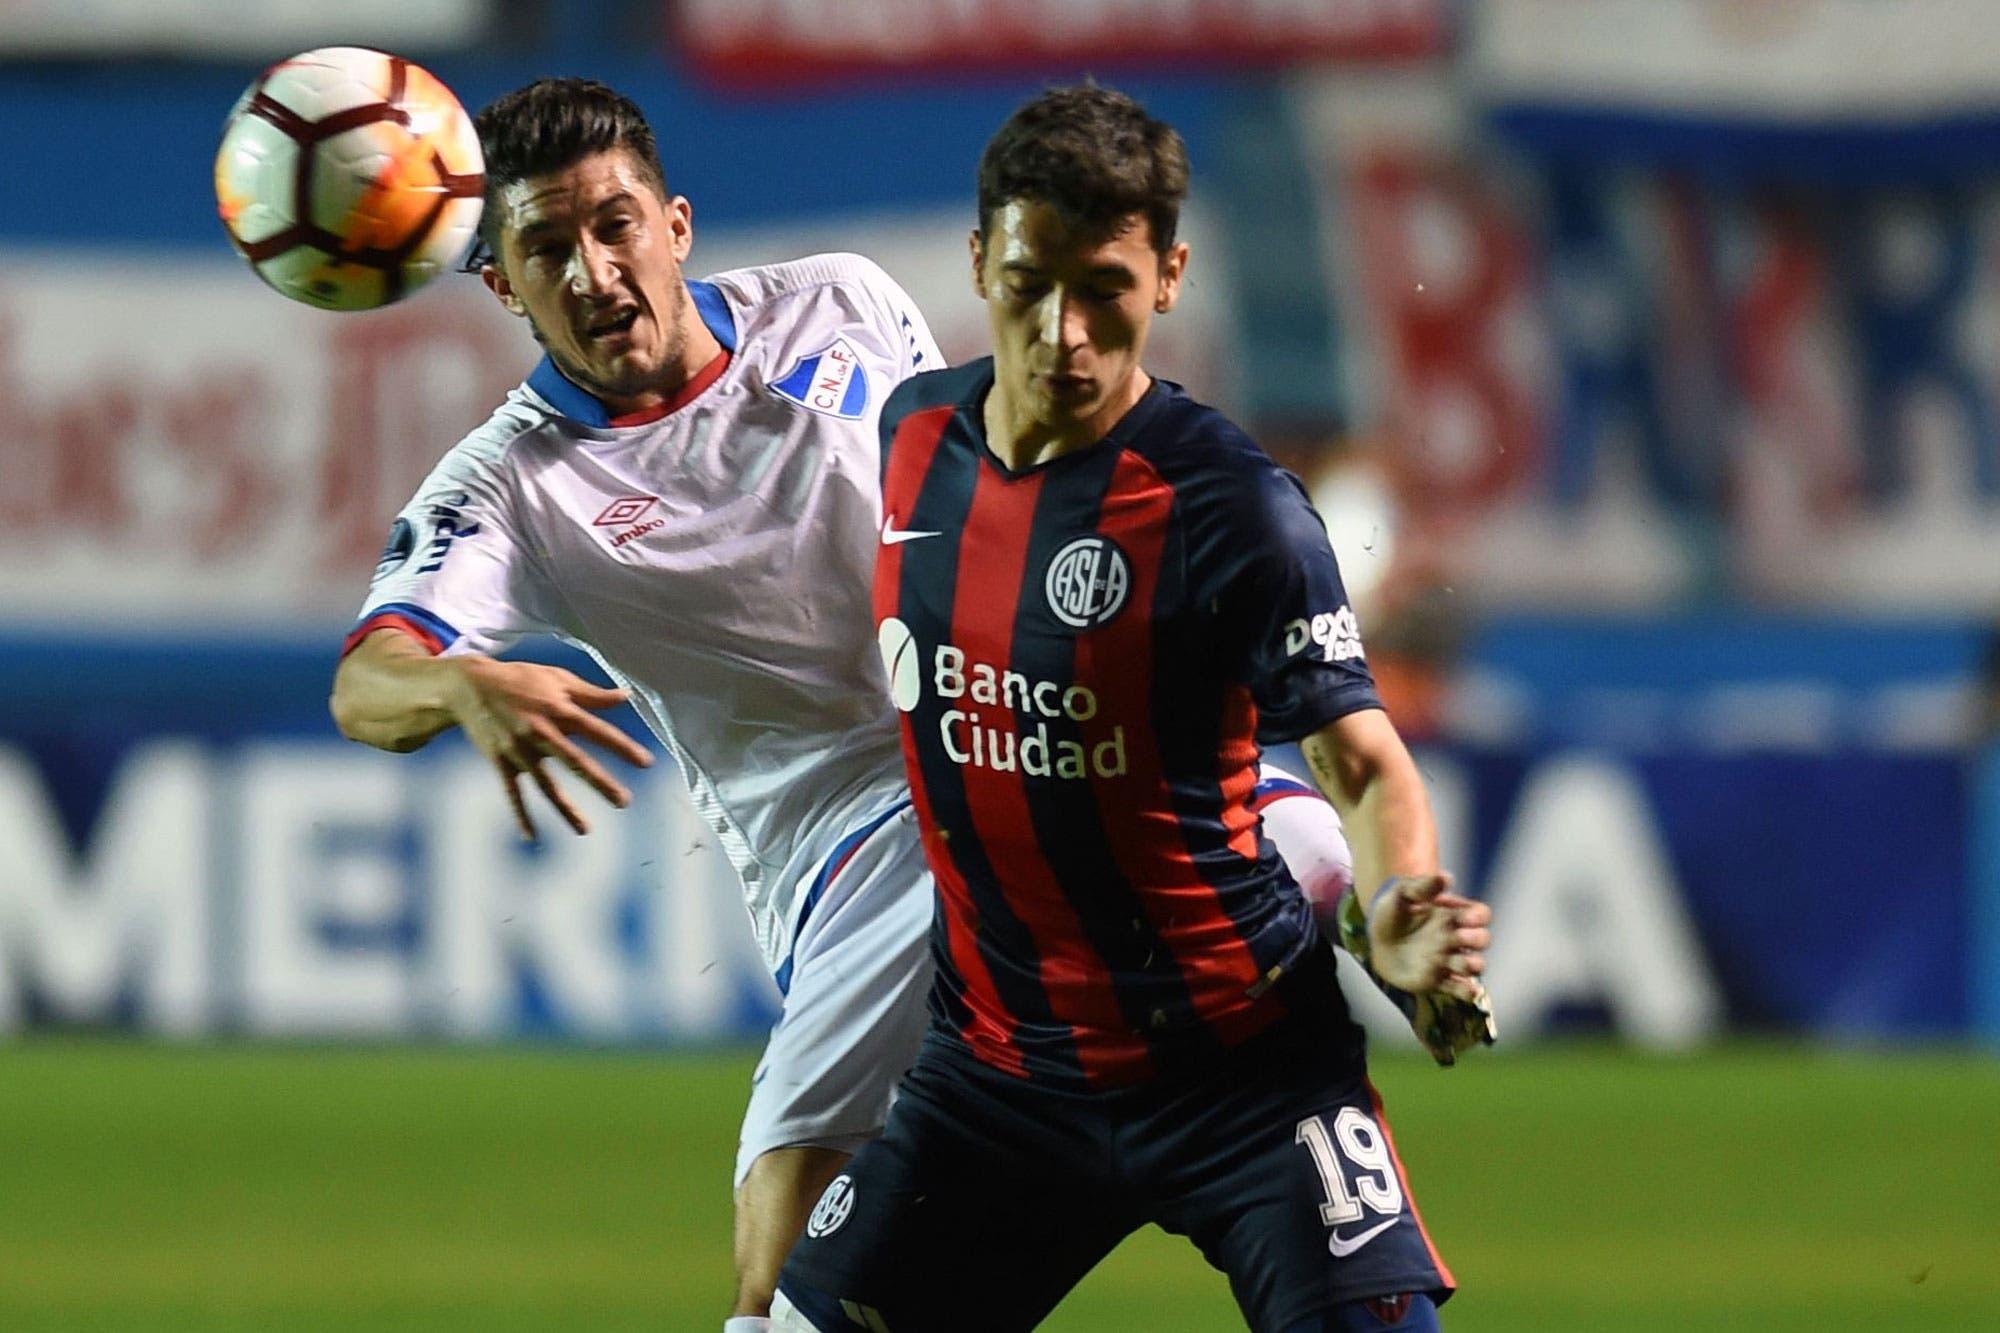 Tras la eliminación de San Lorenzo, el crudo análisis de Rubén Botta y su bronca contra el arbitraje